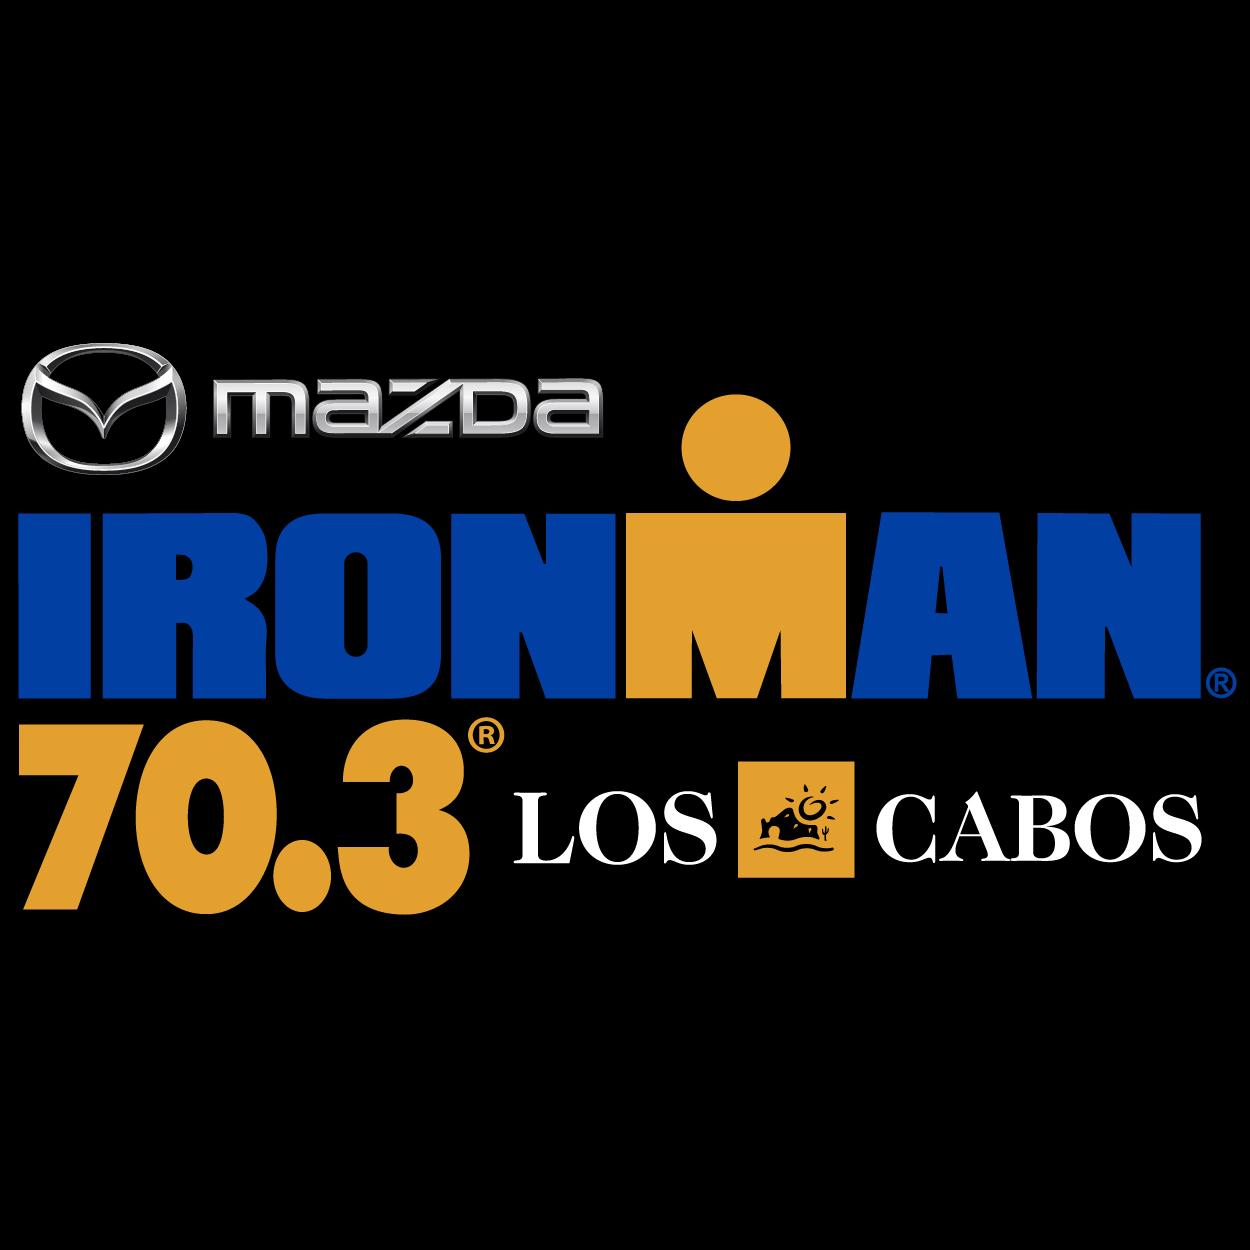 MAZDA IRONMAN 70.3 Los Cabos 2020